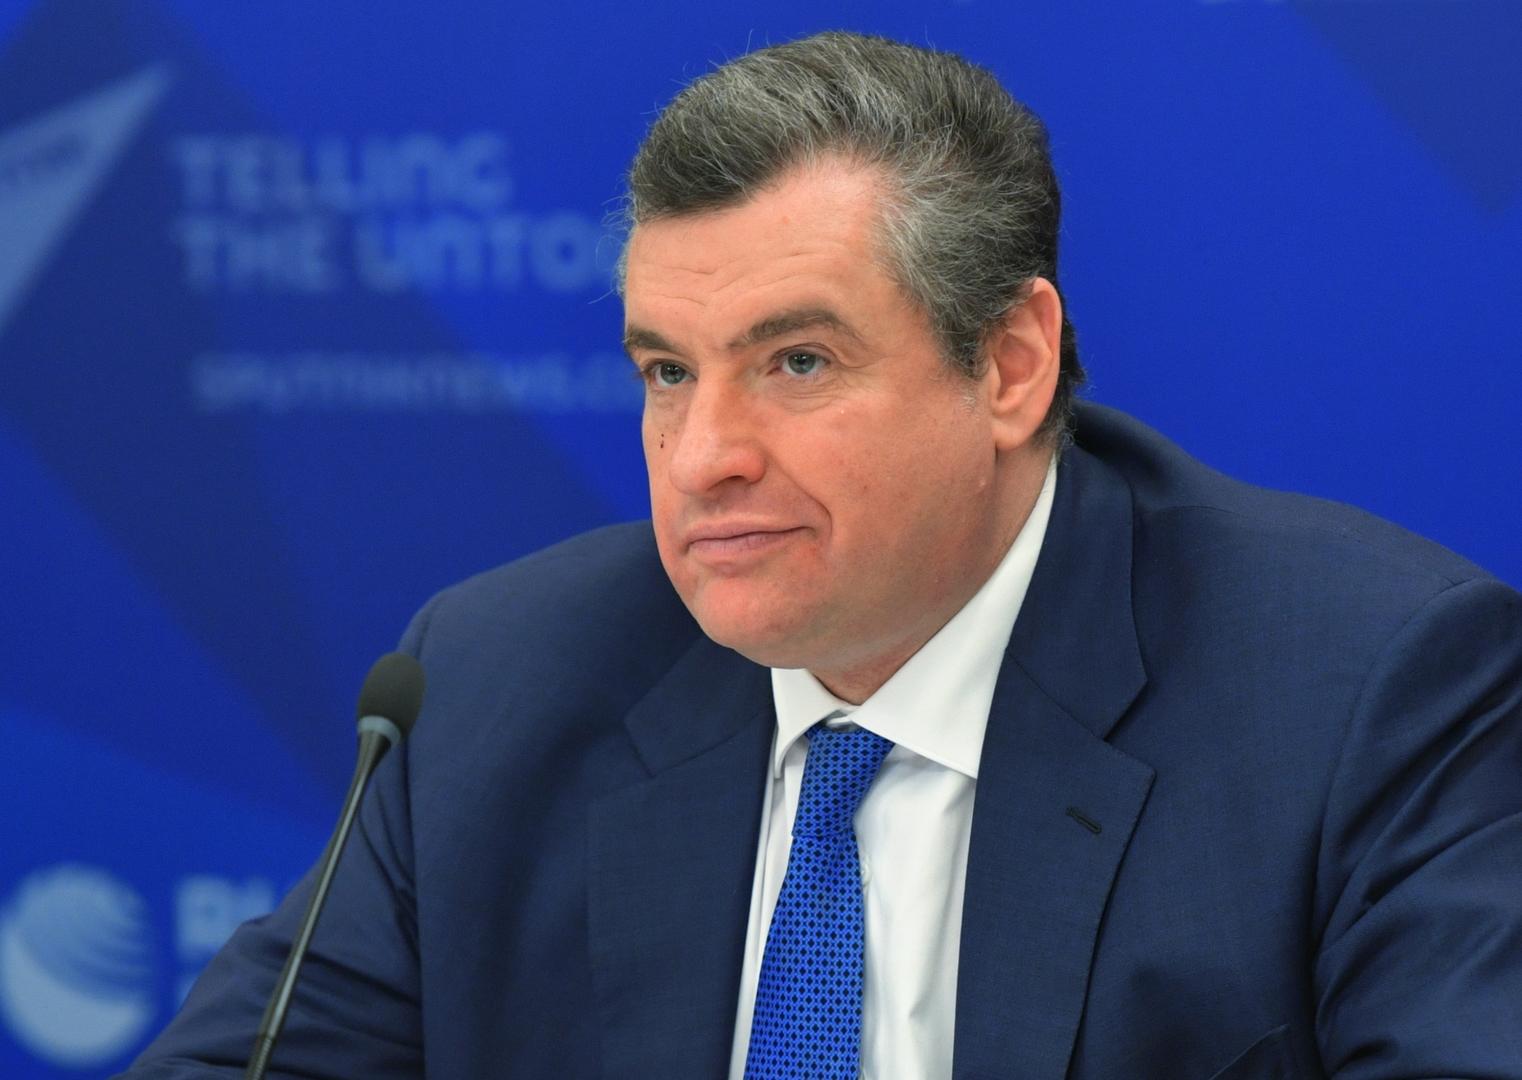 ليونيد سلوتسكي رئيس لجنة الشؤون الدولية بمجلس الدوما الروسي